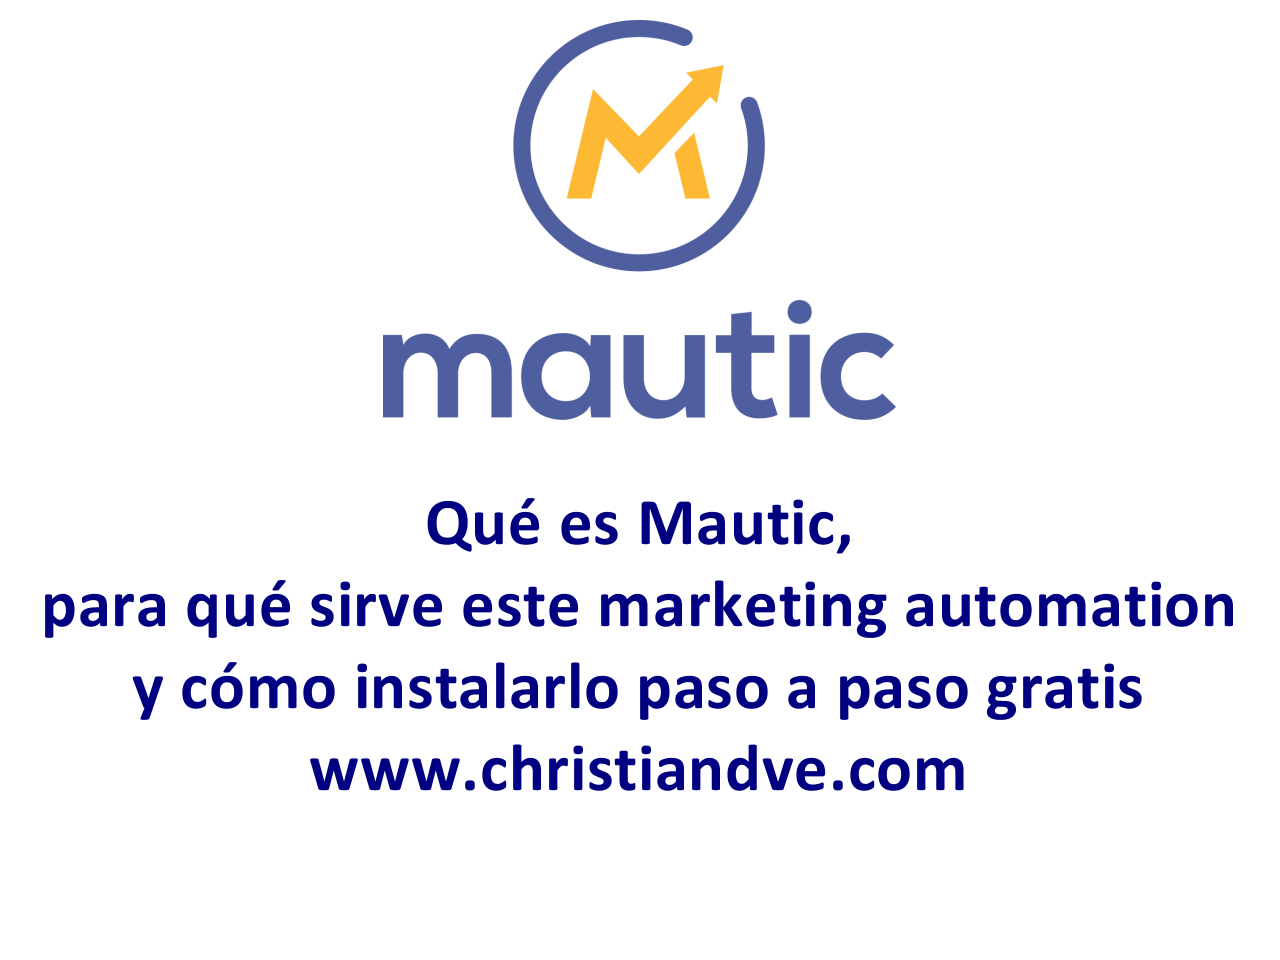 Mautic | Blog de ChristianDvE (Beta)